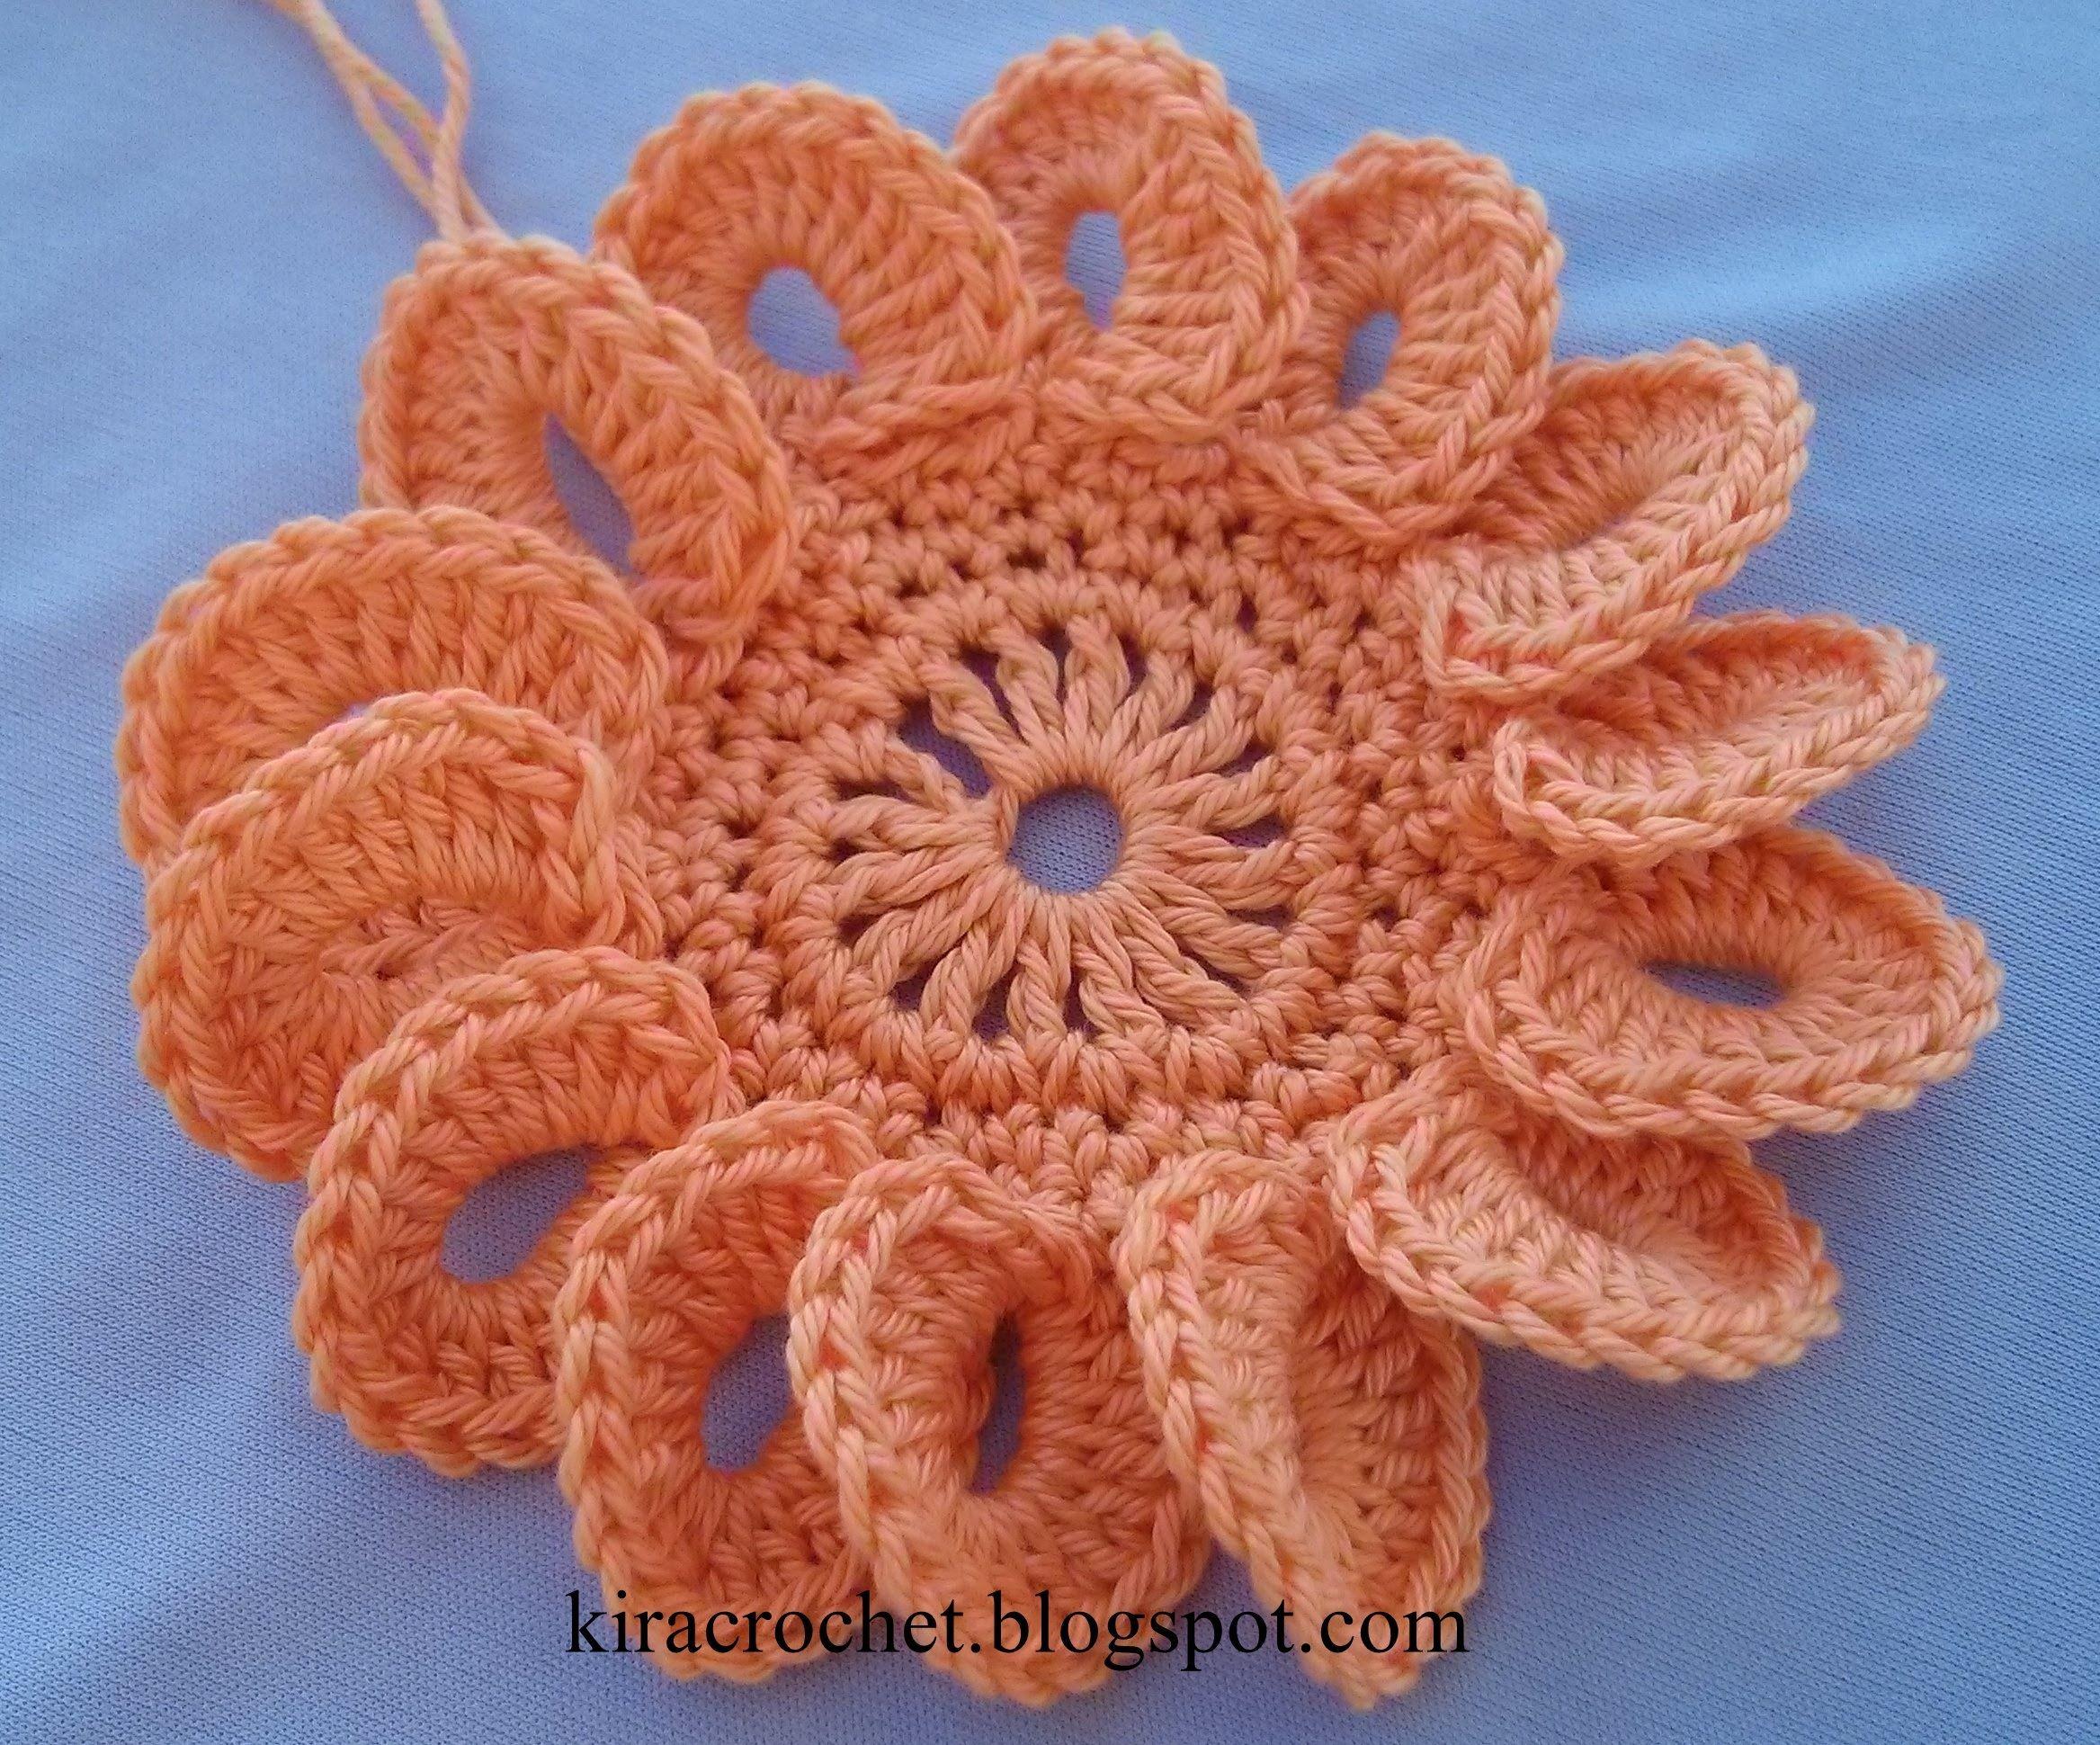 Crochet flower 9